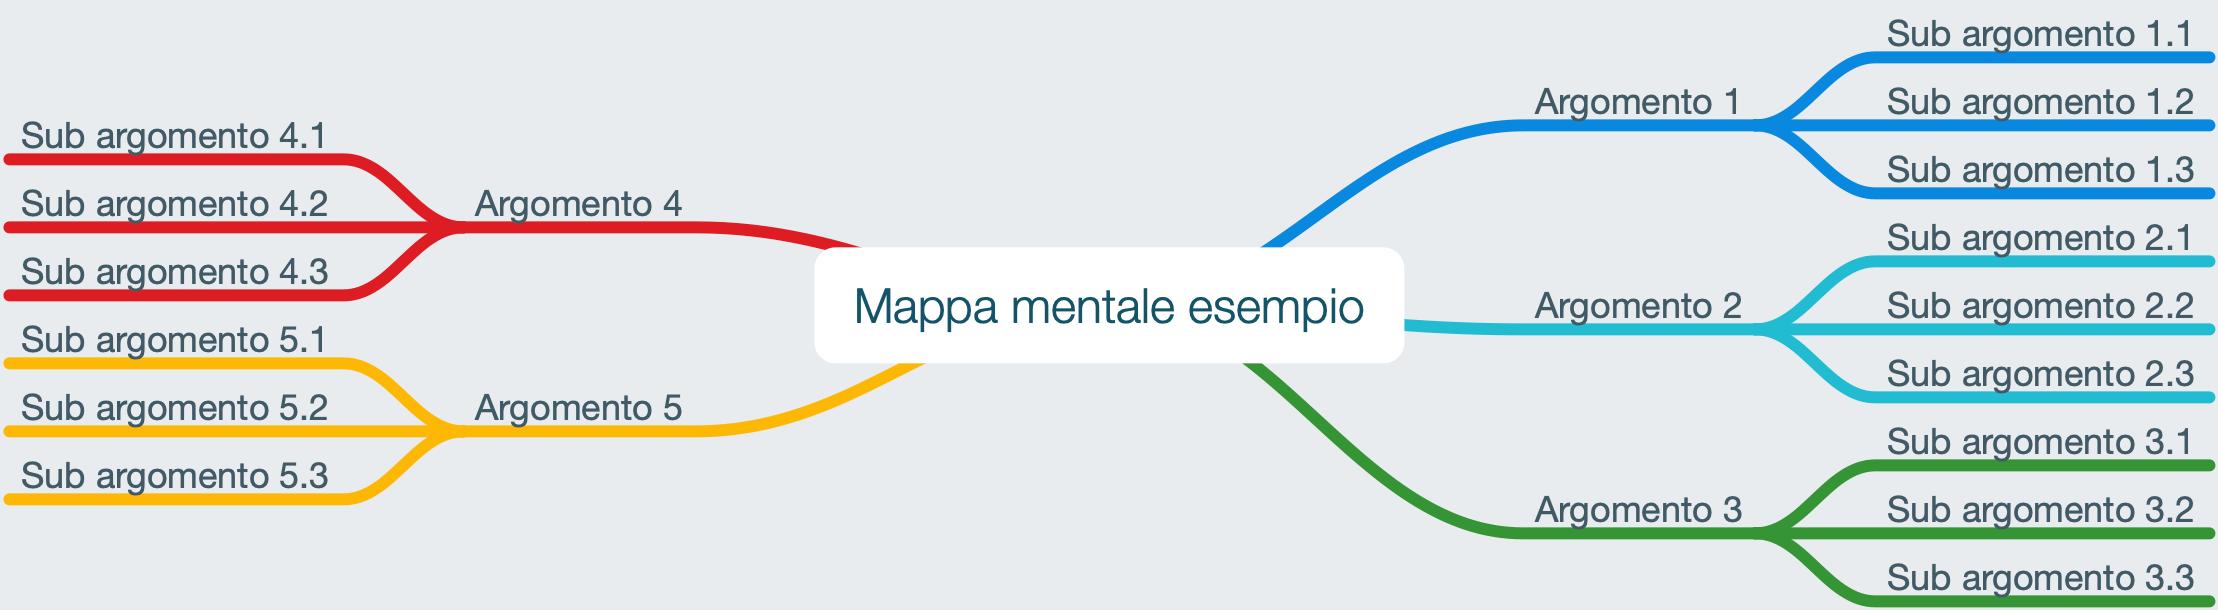 mappa-mentale